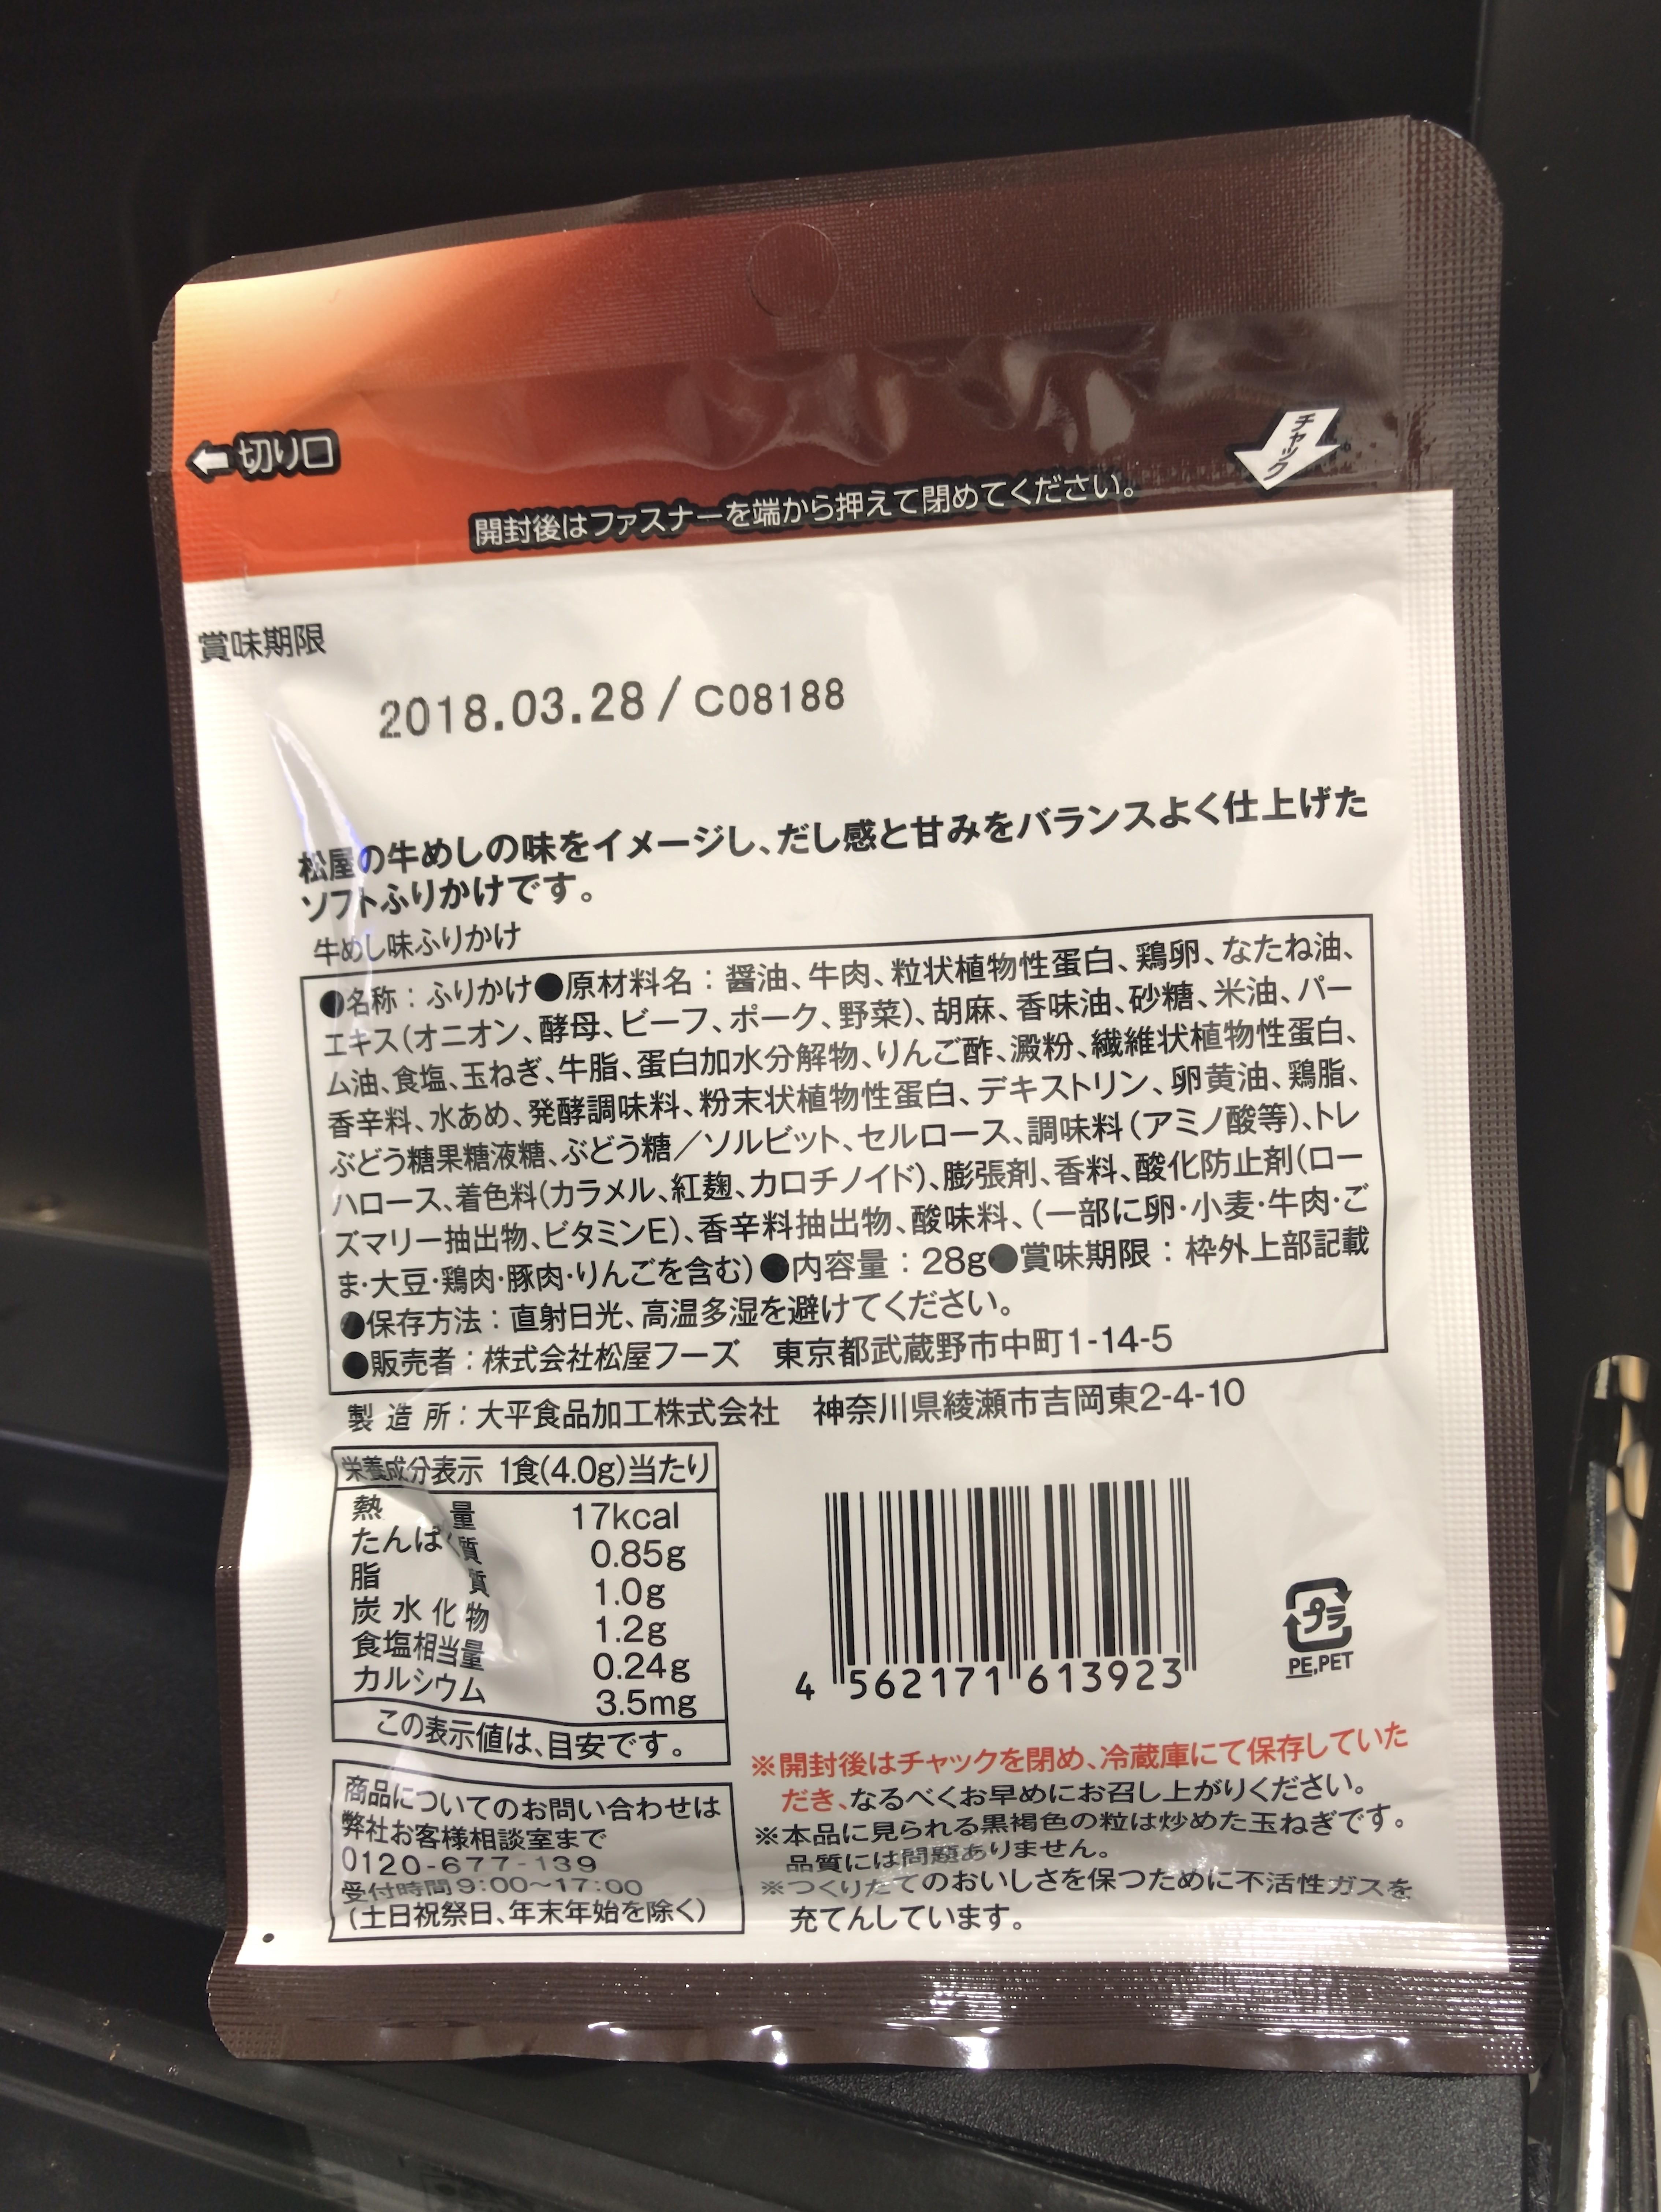 [松屋][牛めし味ふりかけ][税込み150円][28g][119kcal]